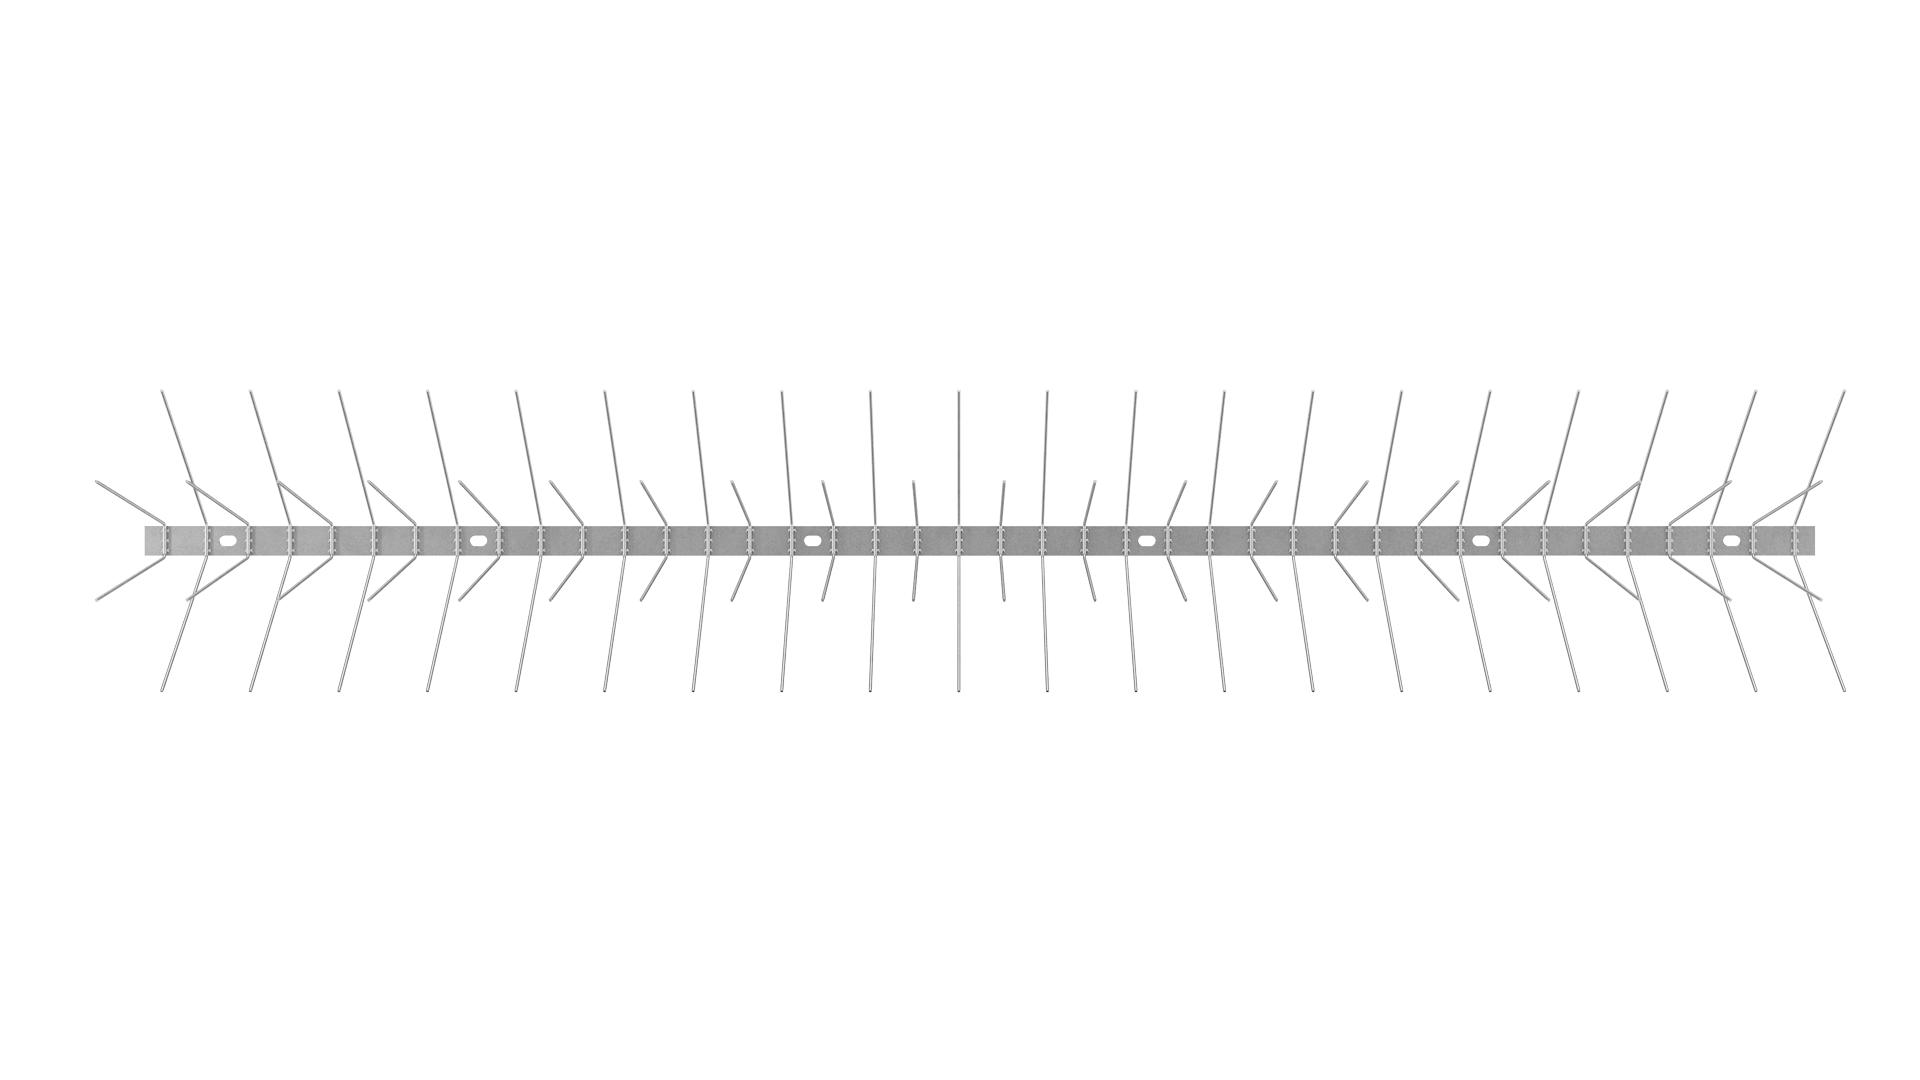 TAS 4er Taubenabwehrspitzen 1m lang aus Edelstahl Rostfrei